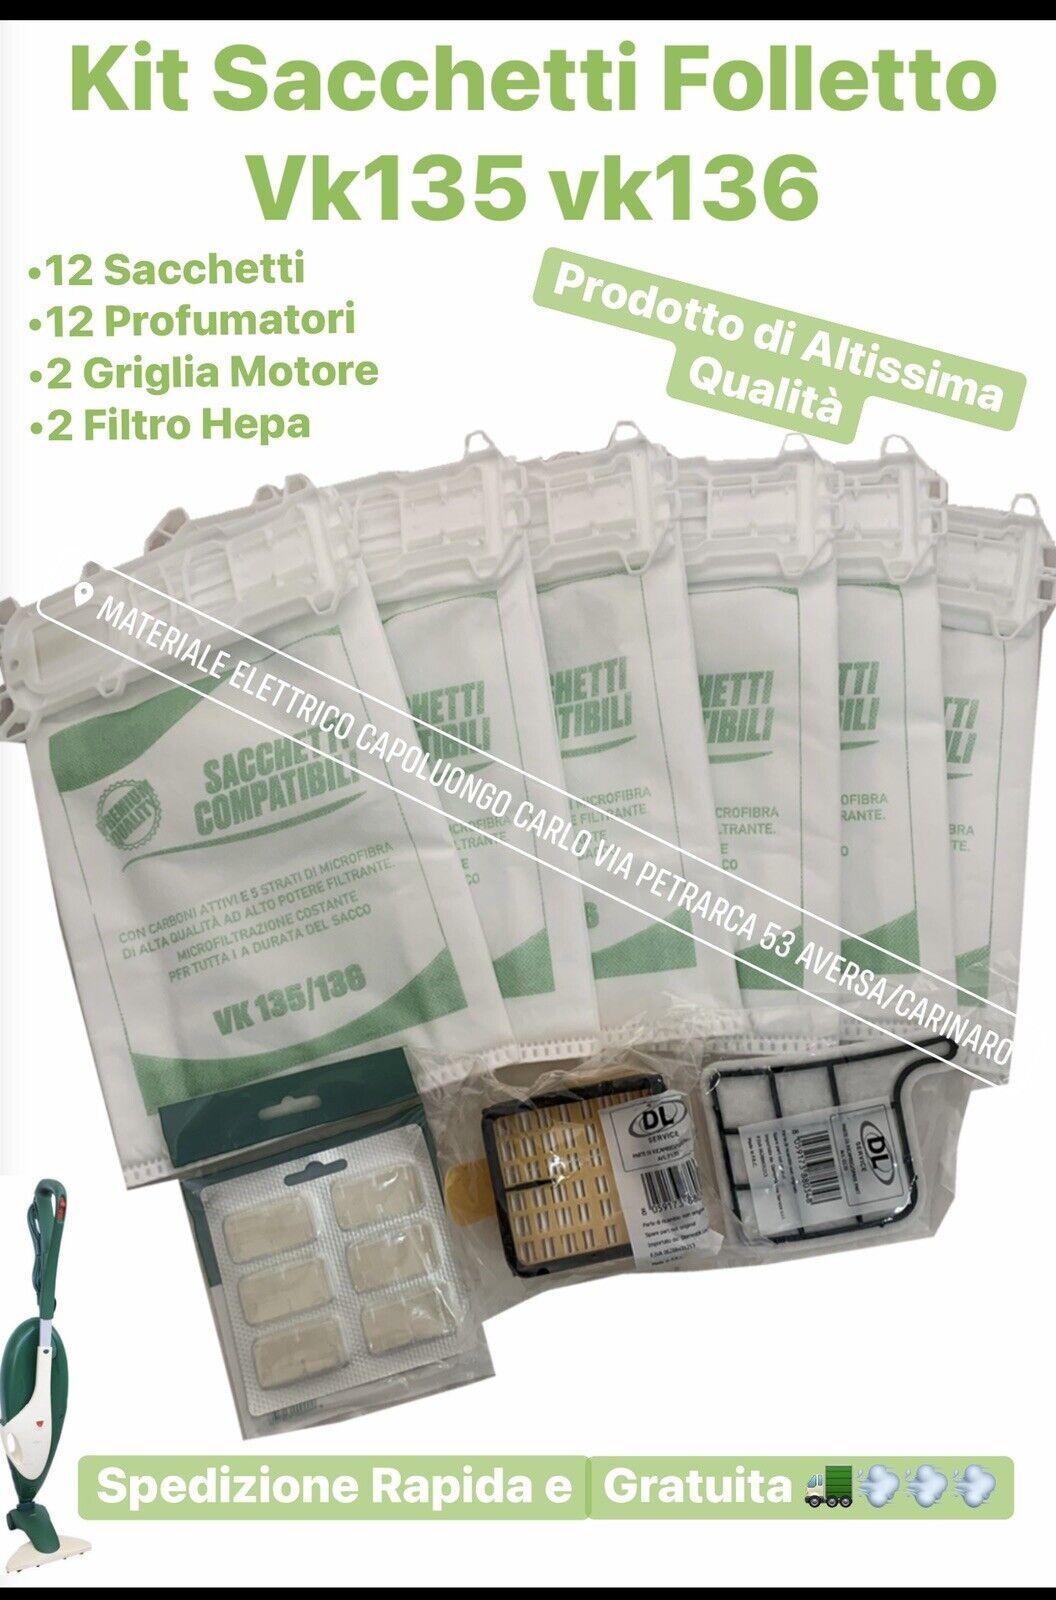 profumi: SACCHETTI FOLLETTO vk 135 136 kit 12 sacchetti 12 profumi 4 filtri I MIGLIORI